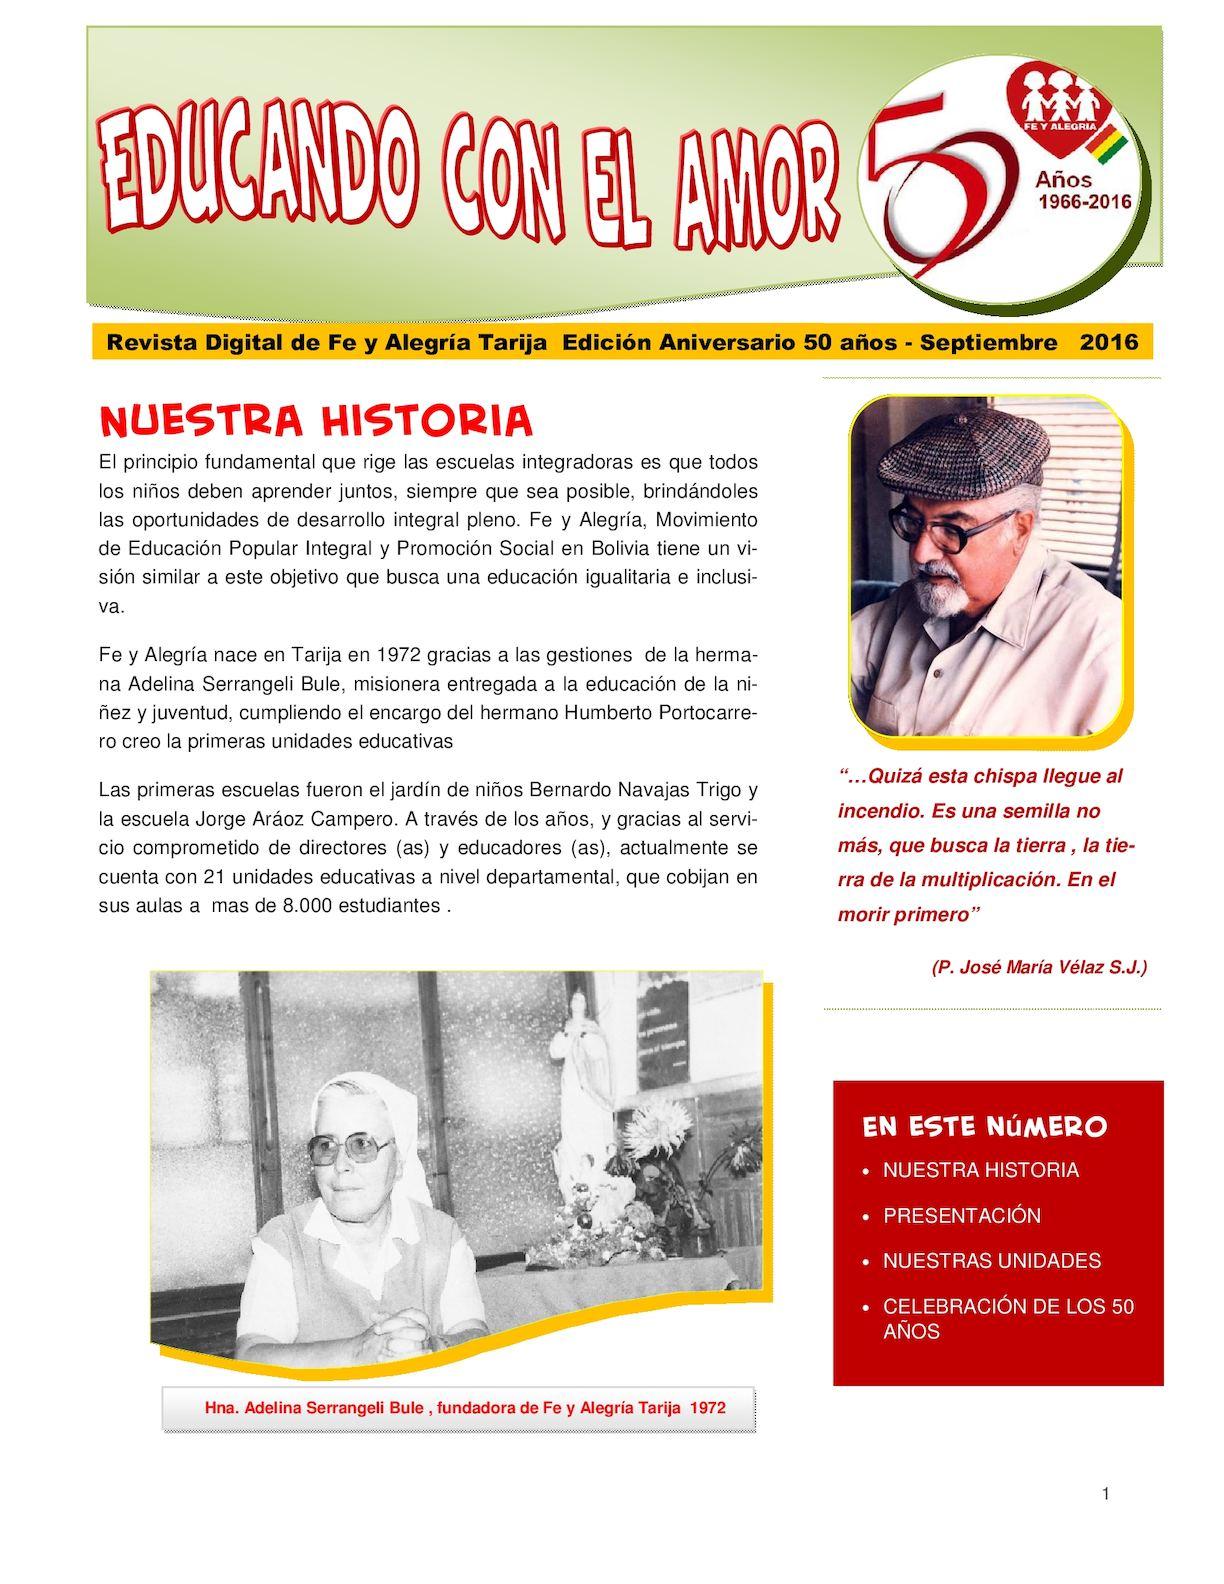 Las mejores zonas para conocer mujeres mayores de Bolivia en Tarija